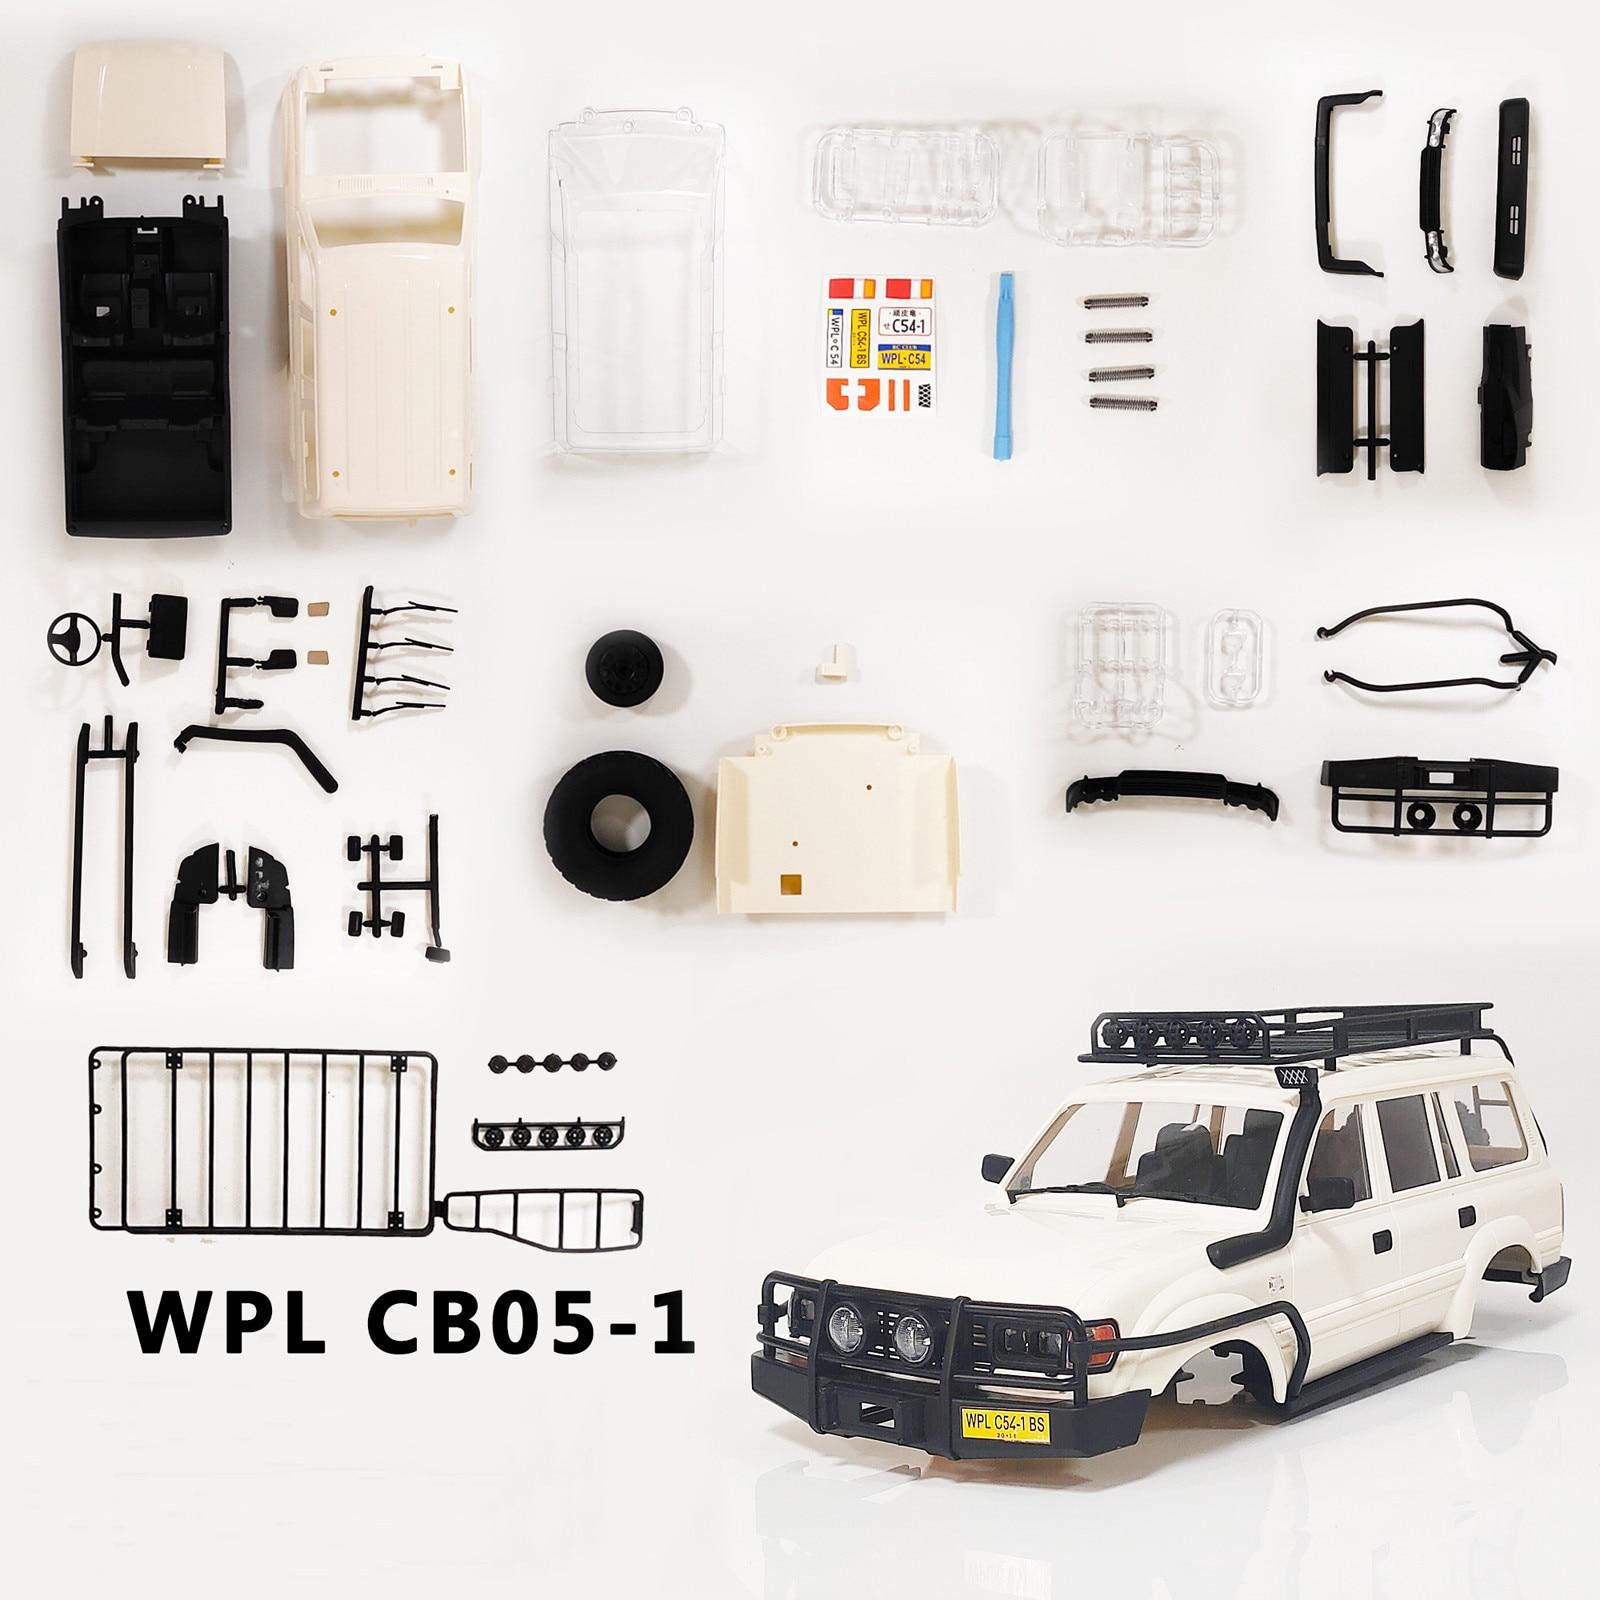 Rc corpo do carro conjunto de habitação caso conjunto para rc carro wpl CB05-1LC80 quatro rodas crianças boneca brinquedos para o miúdo menino presente de aniversário